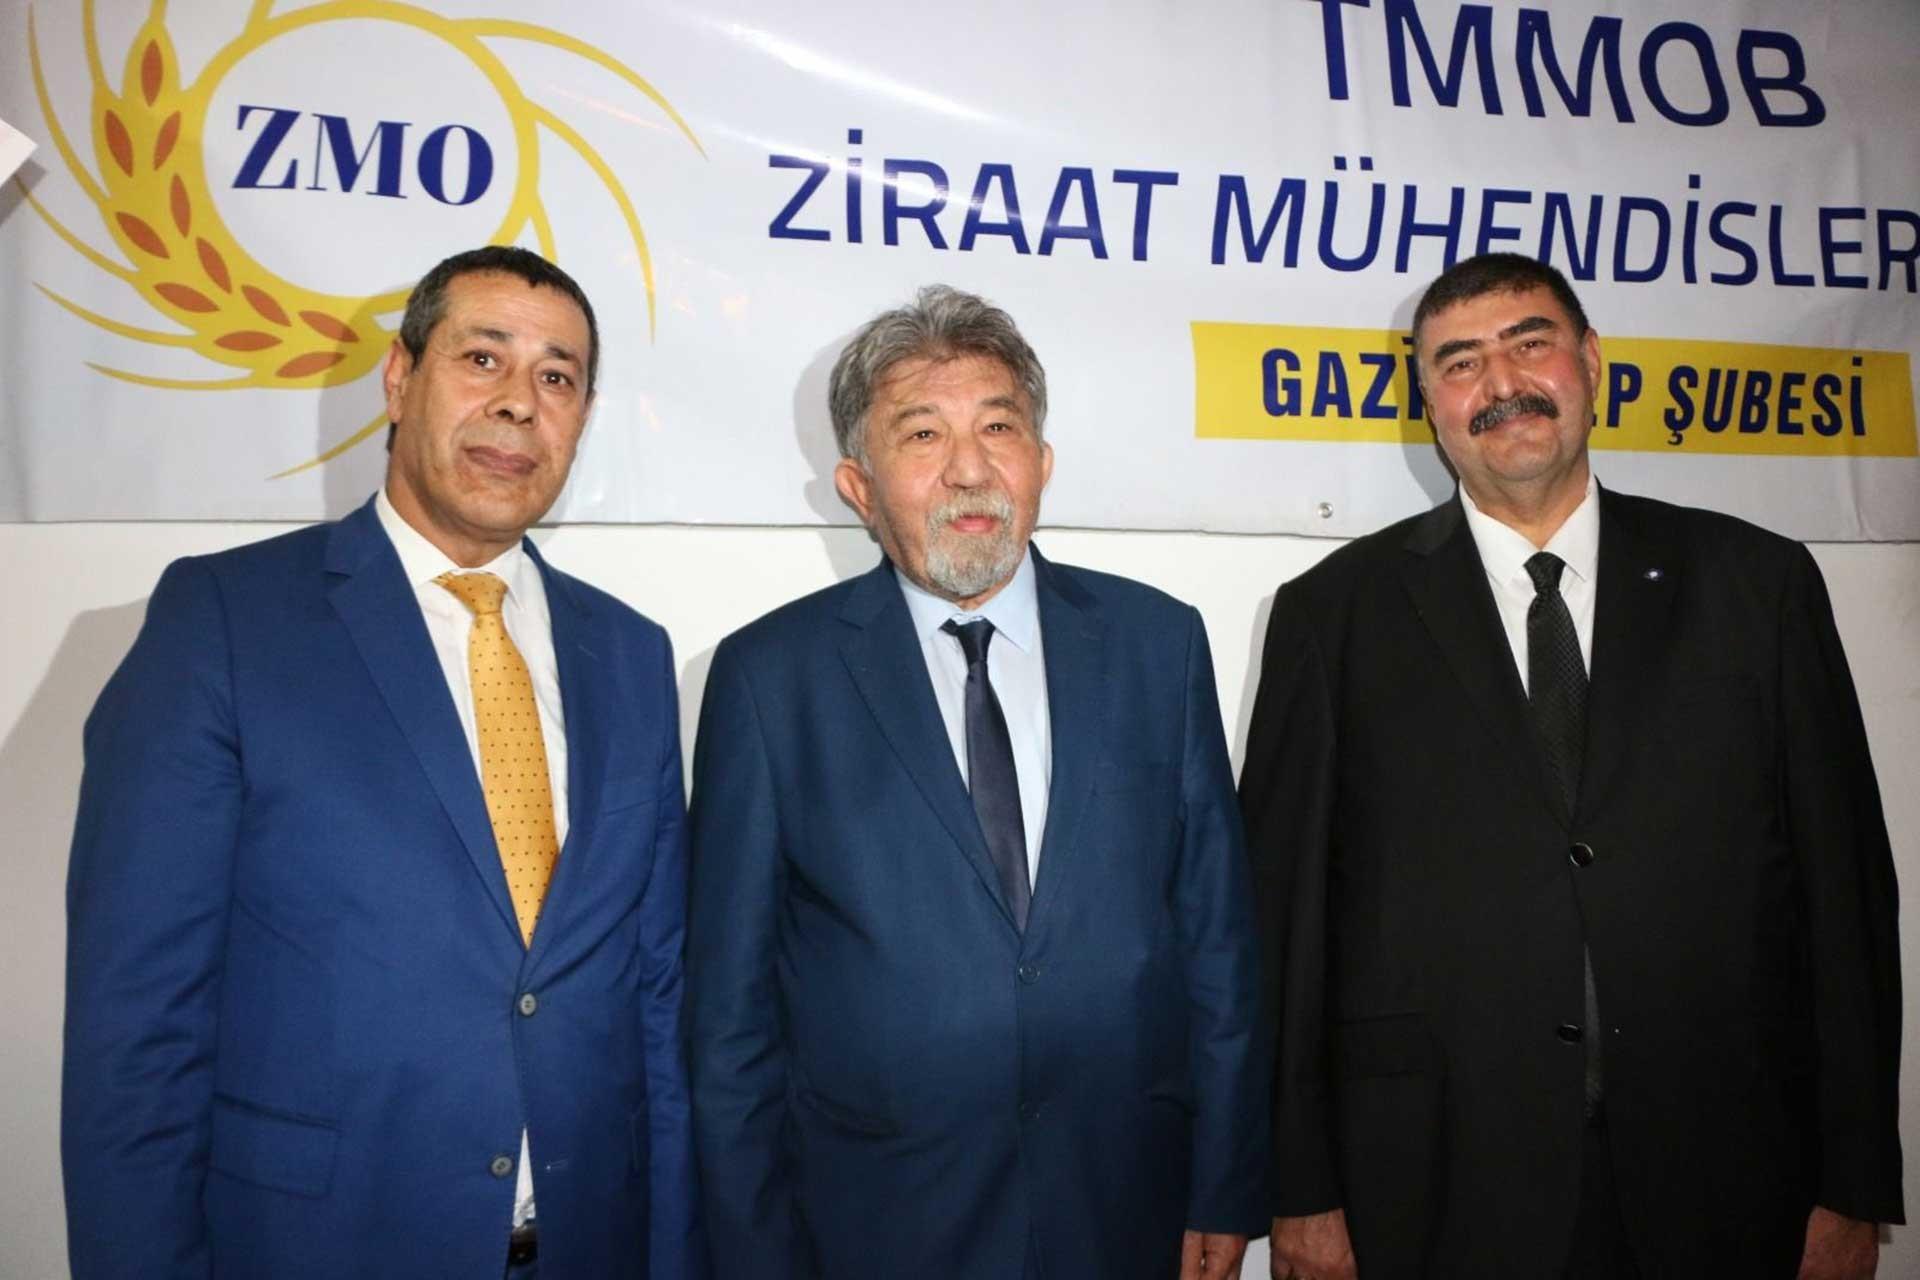 TMMOB Ziraat Mühendisleri Odası Gaziantep Şubesi yeni hizmet binası açıldı.